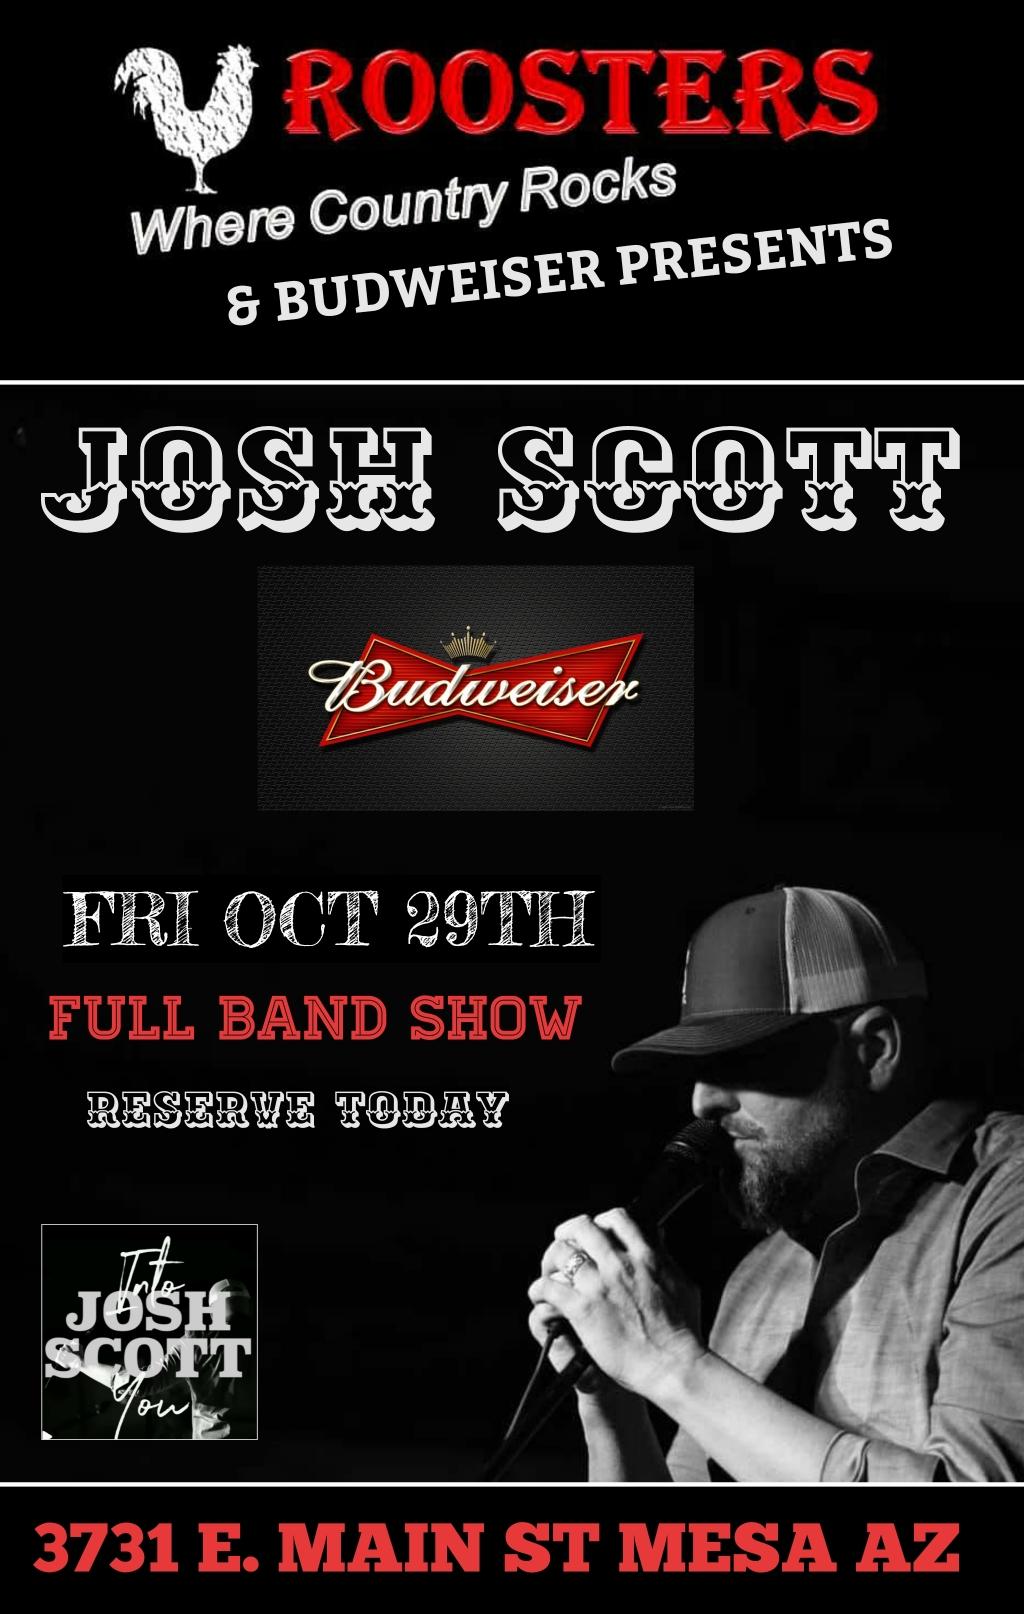 Josh Scott - Full Band - No Cover